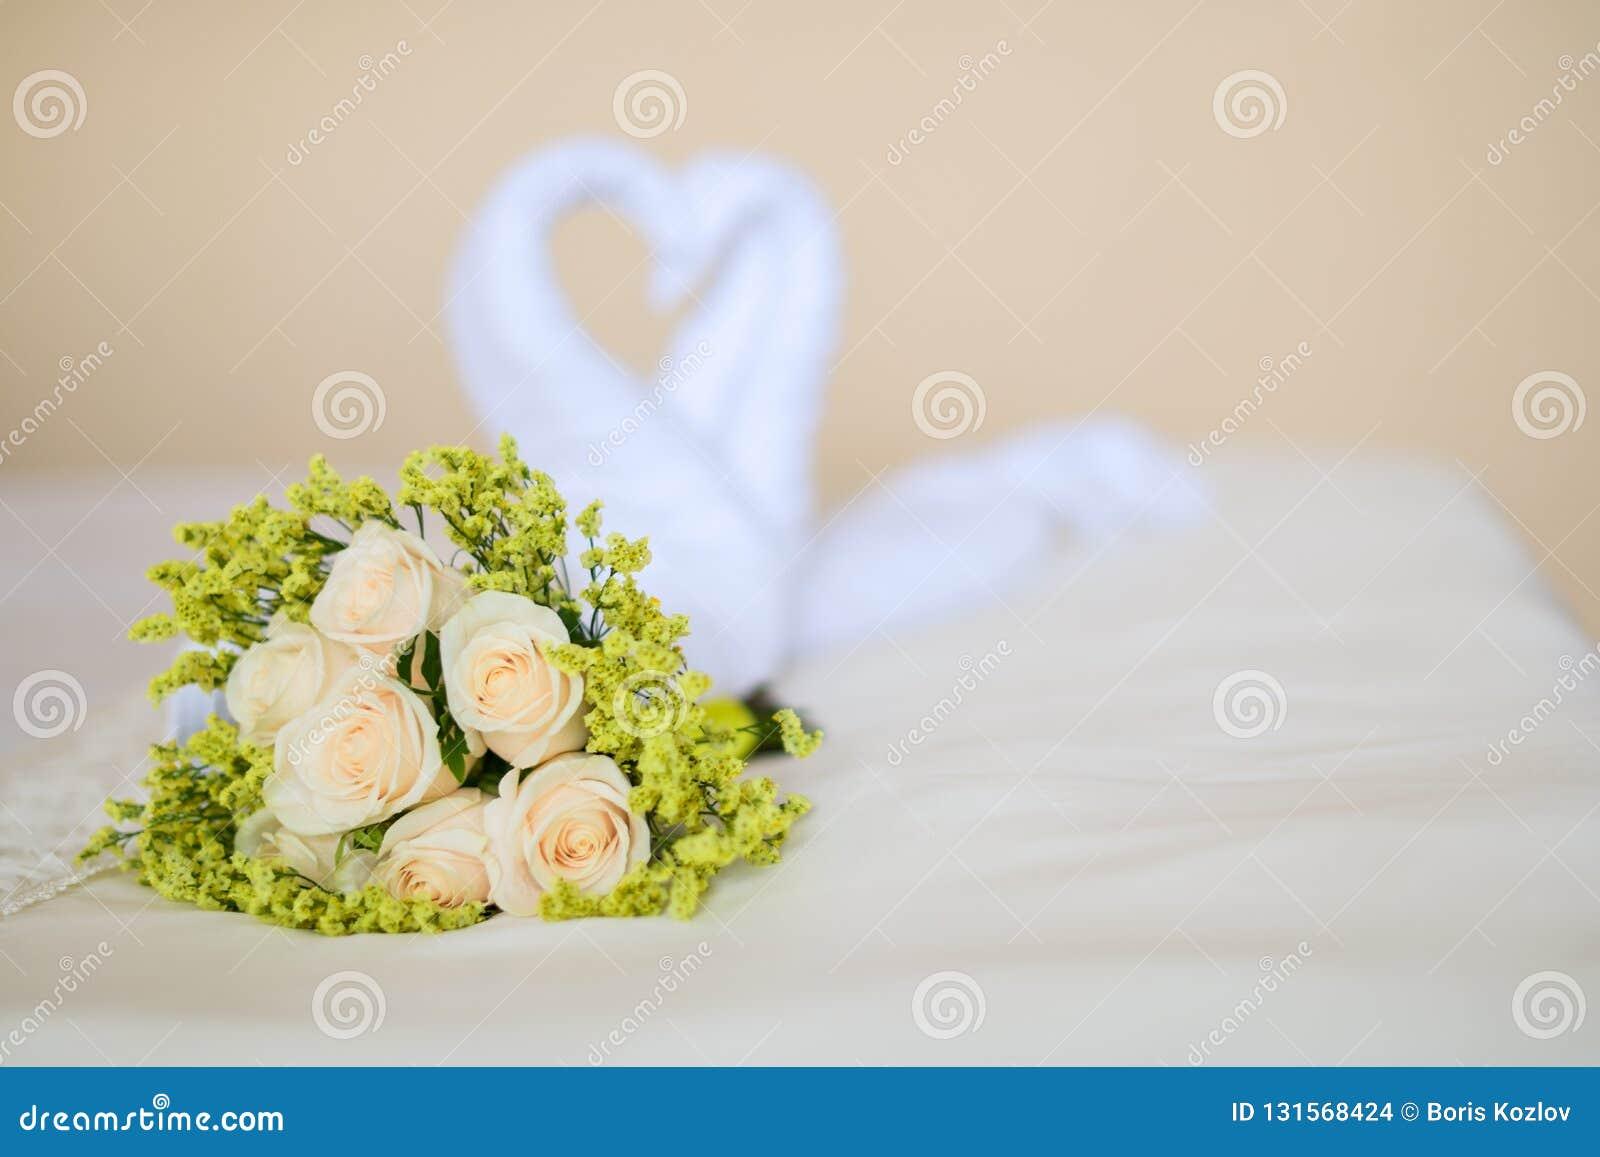 Магазин букет невесты сердце из роз фото букет